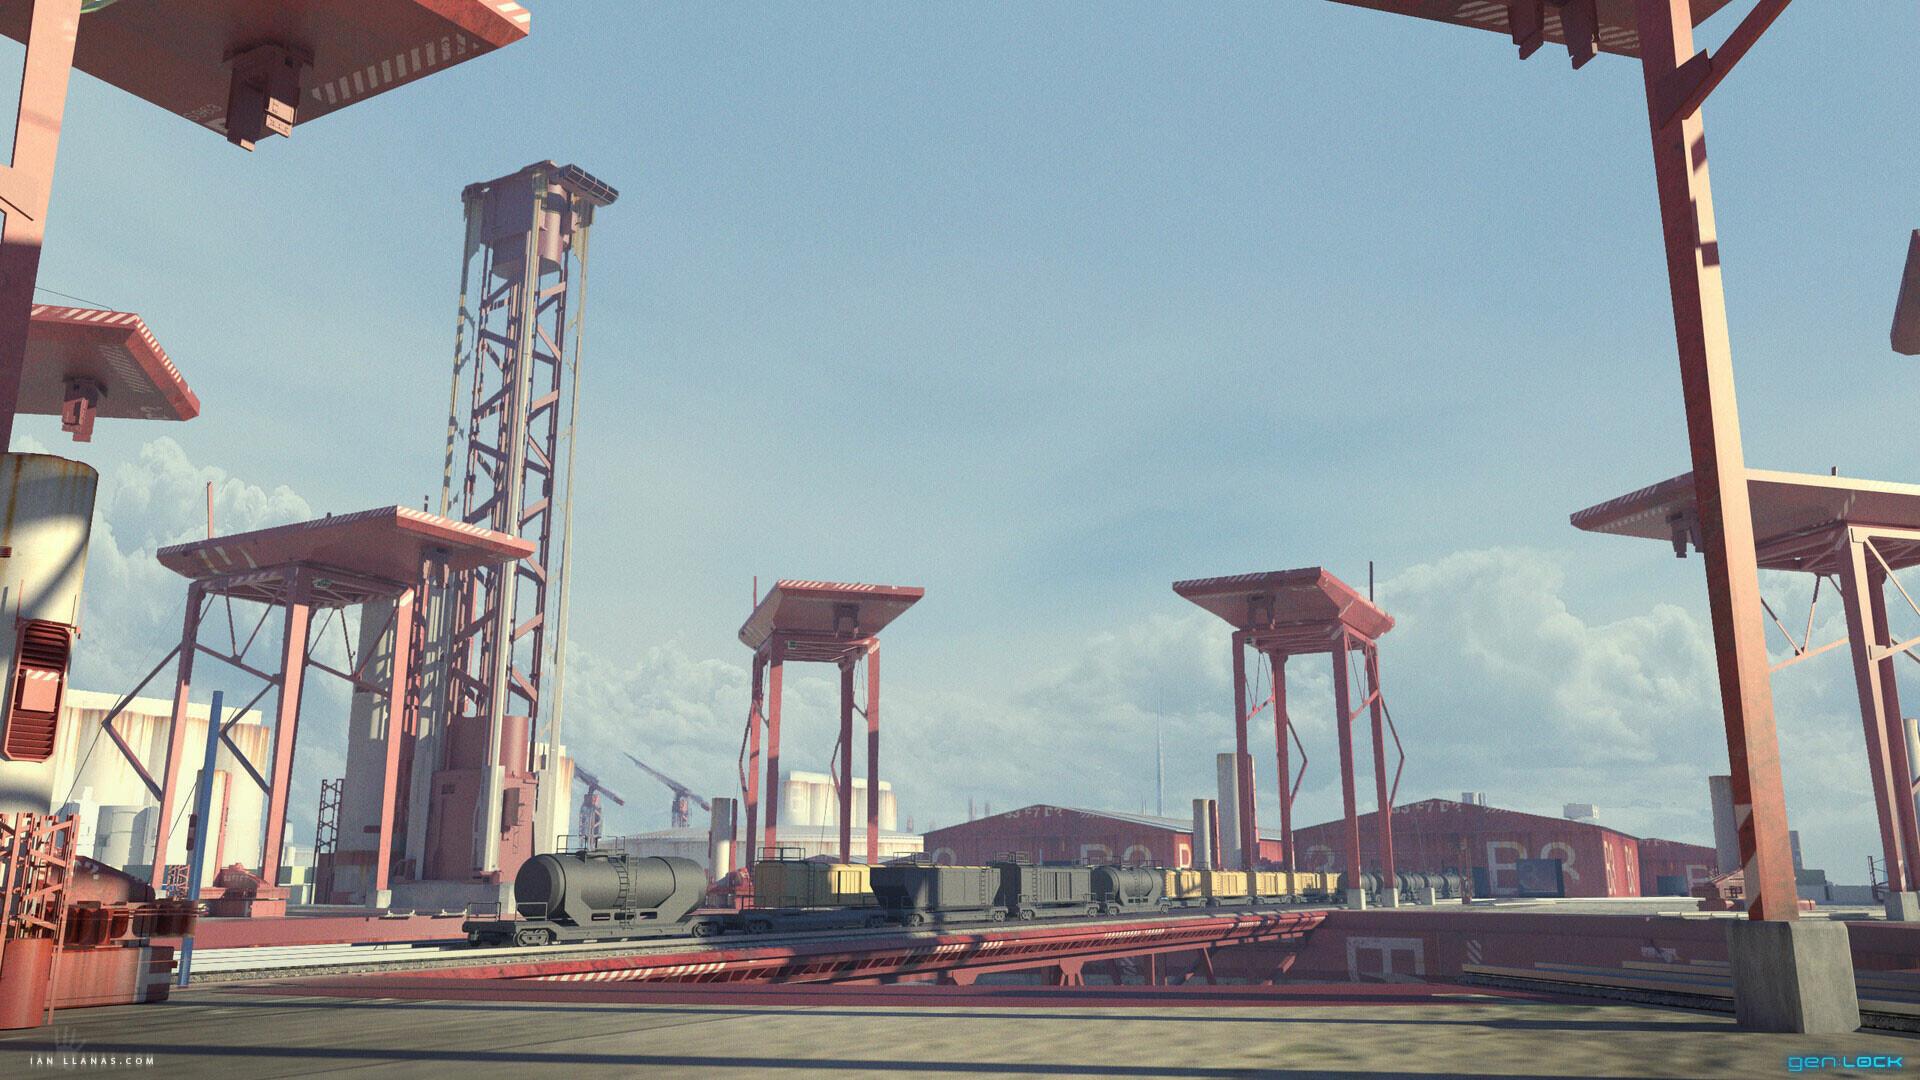 Ian llanas trainyard tower2